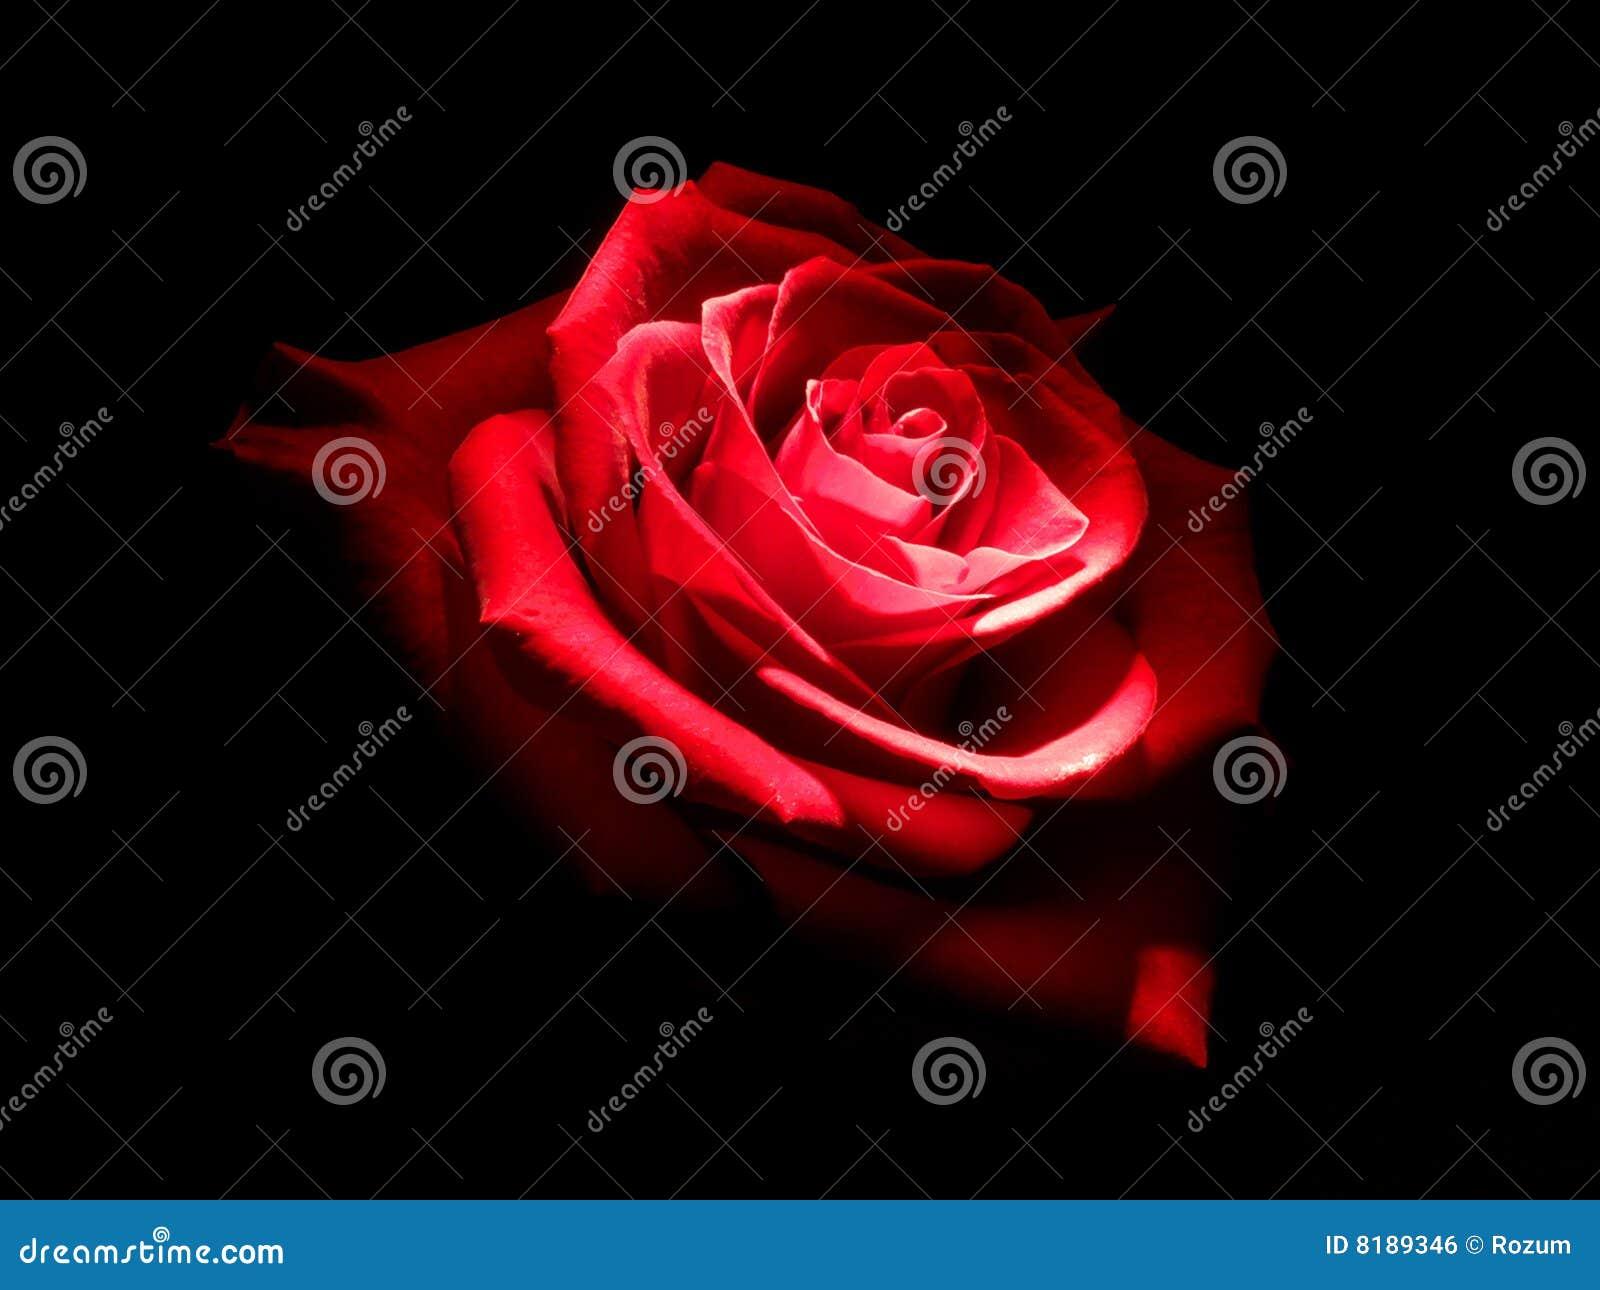 Rose in dark